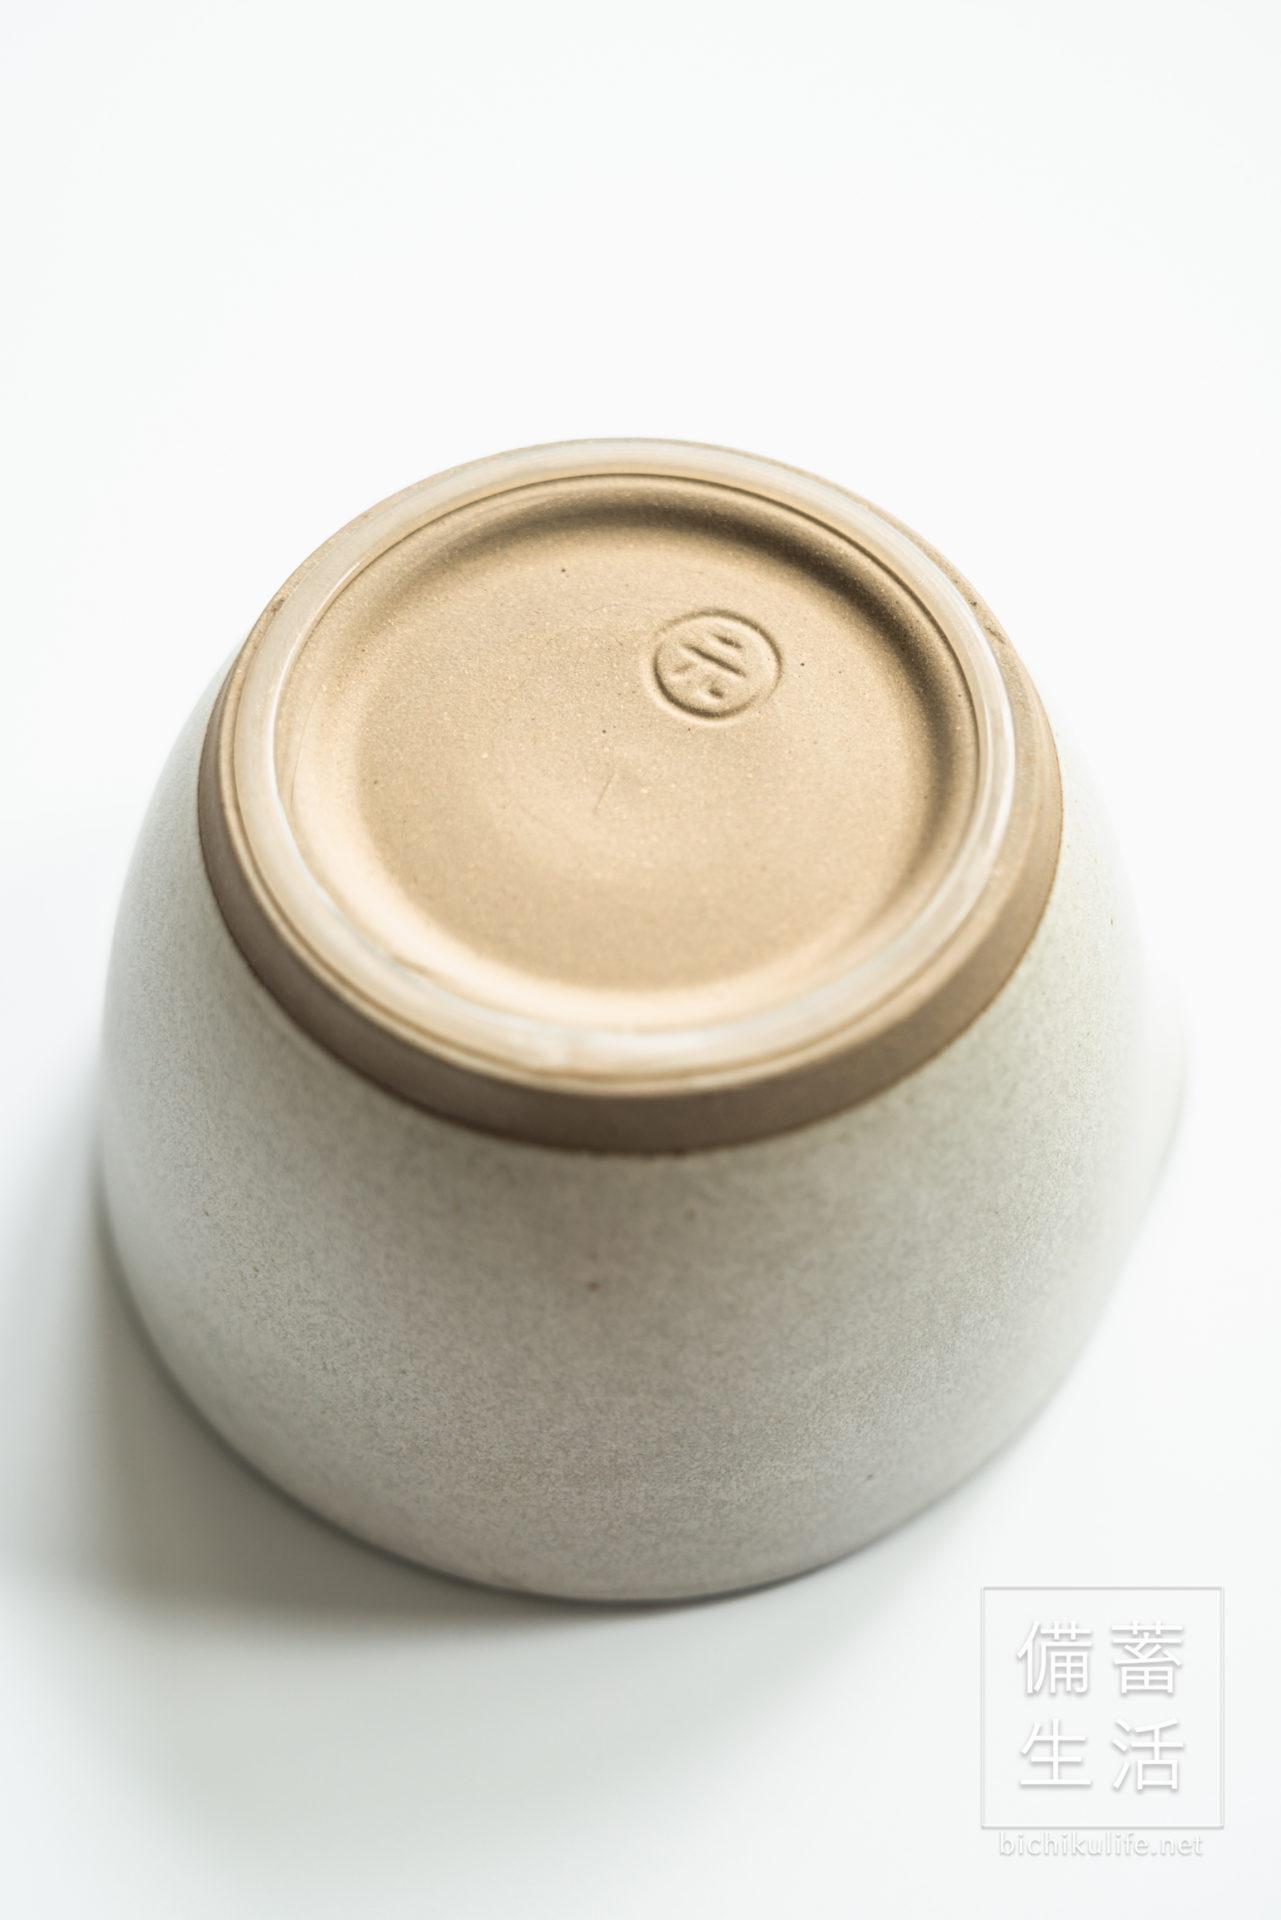 もとしげ 粋なすり鉢(深型)すり鉢専門メーカー 元重製陶所、底の焼印